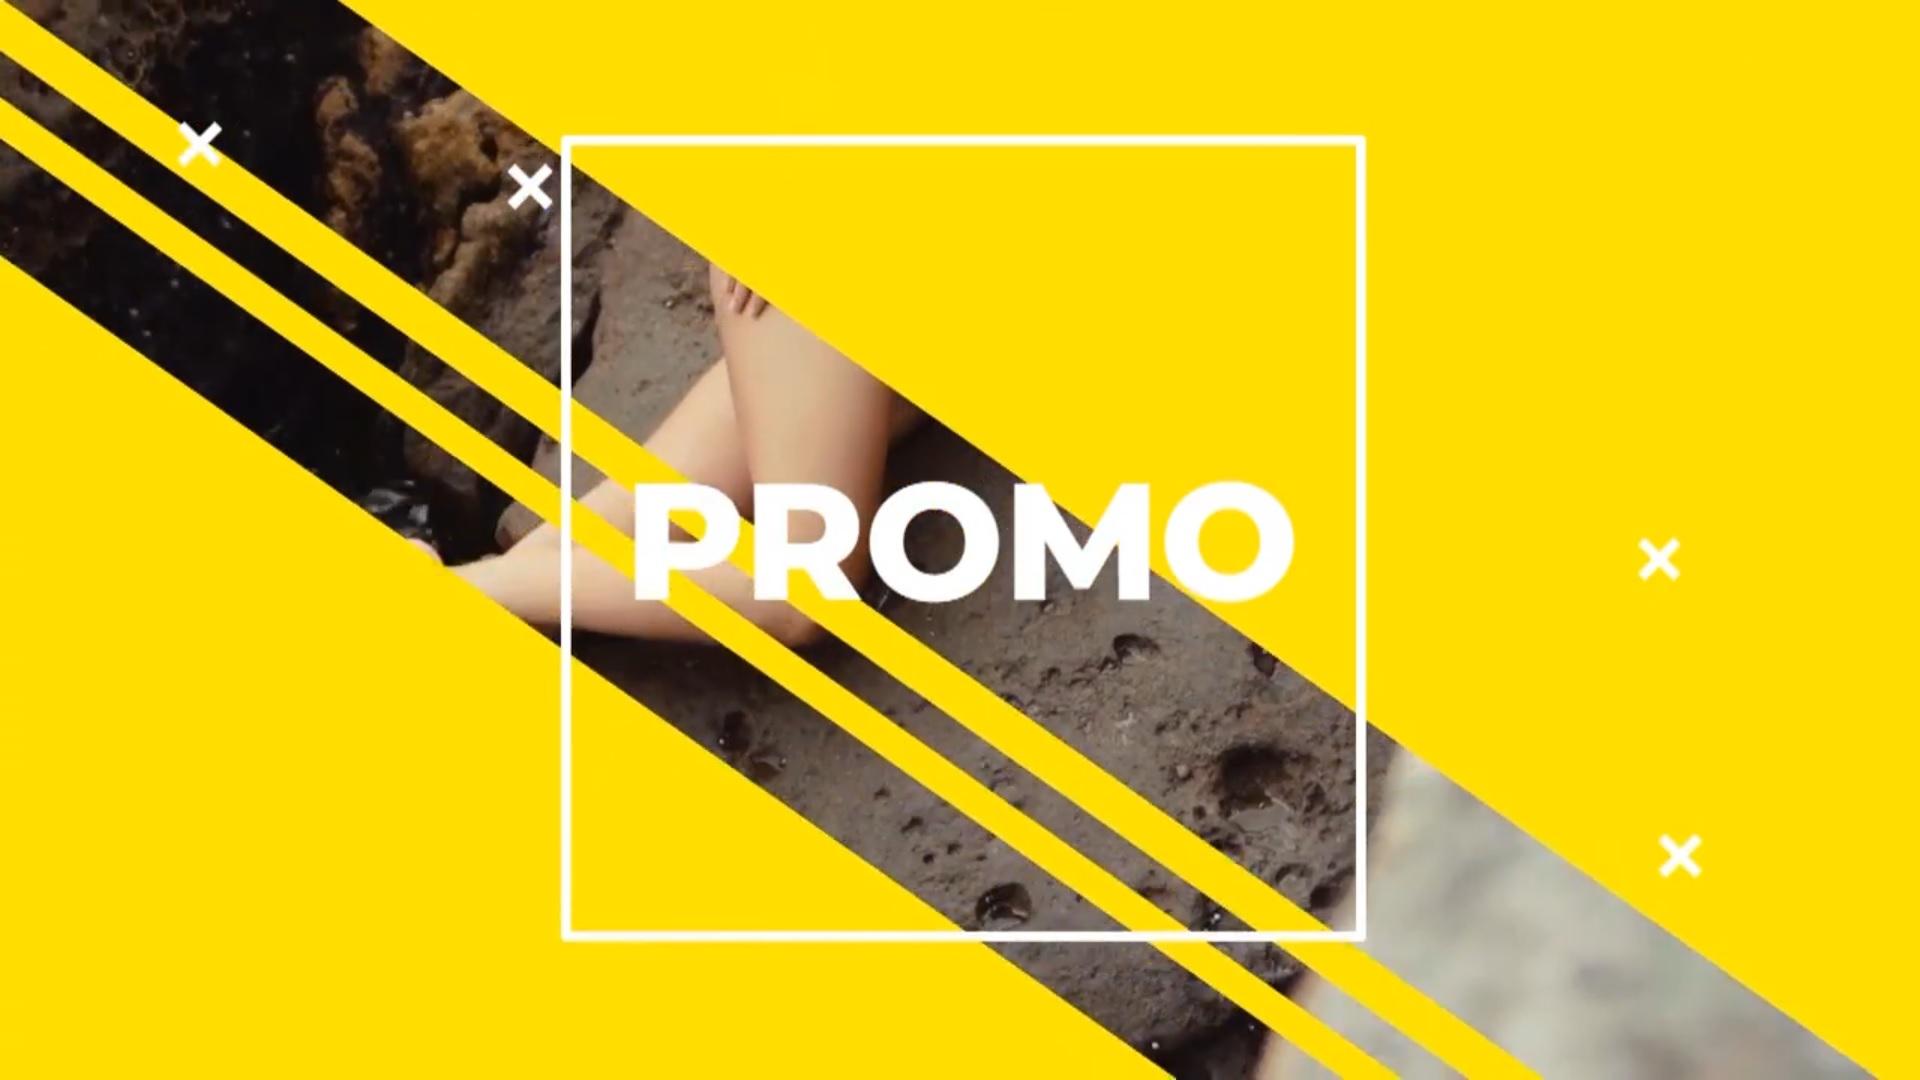 Modern Promo (Premiere Pro Template)